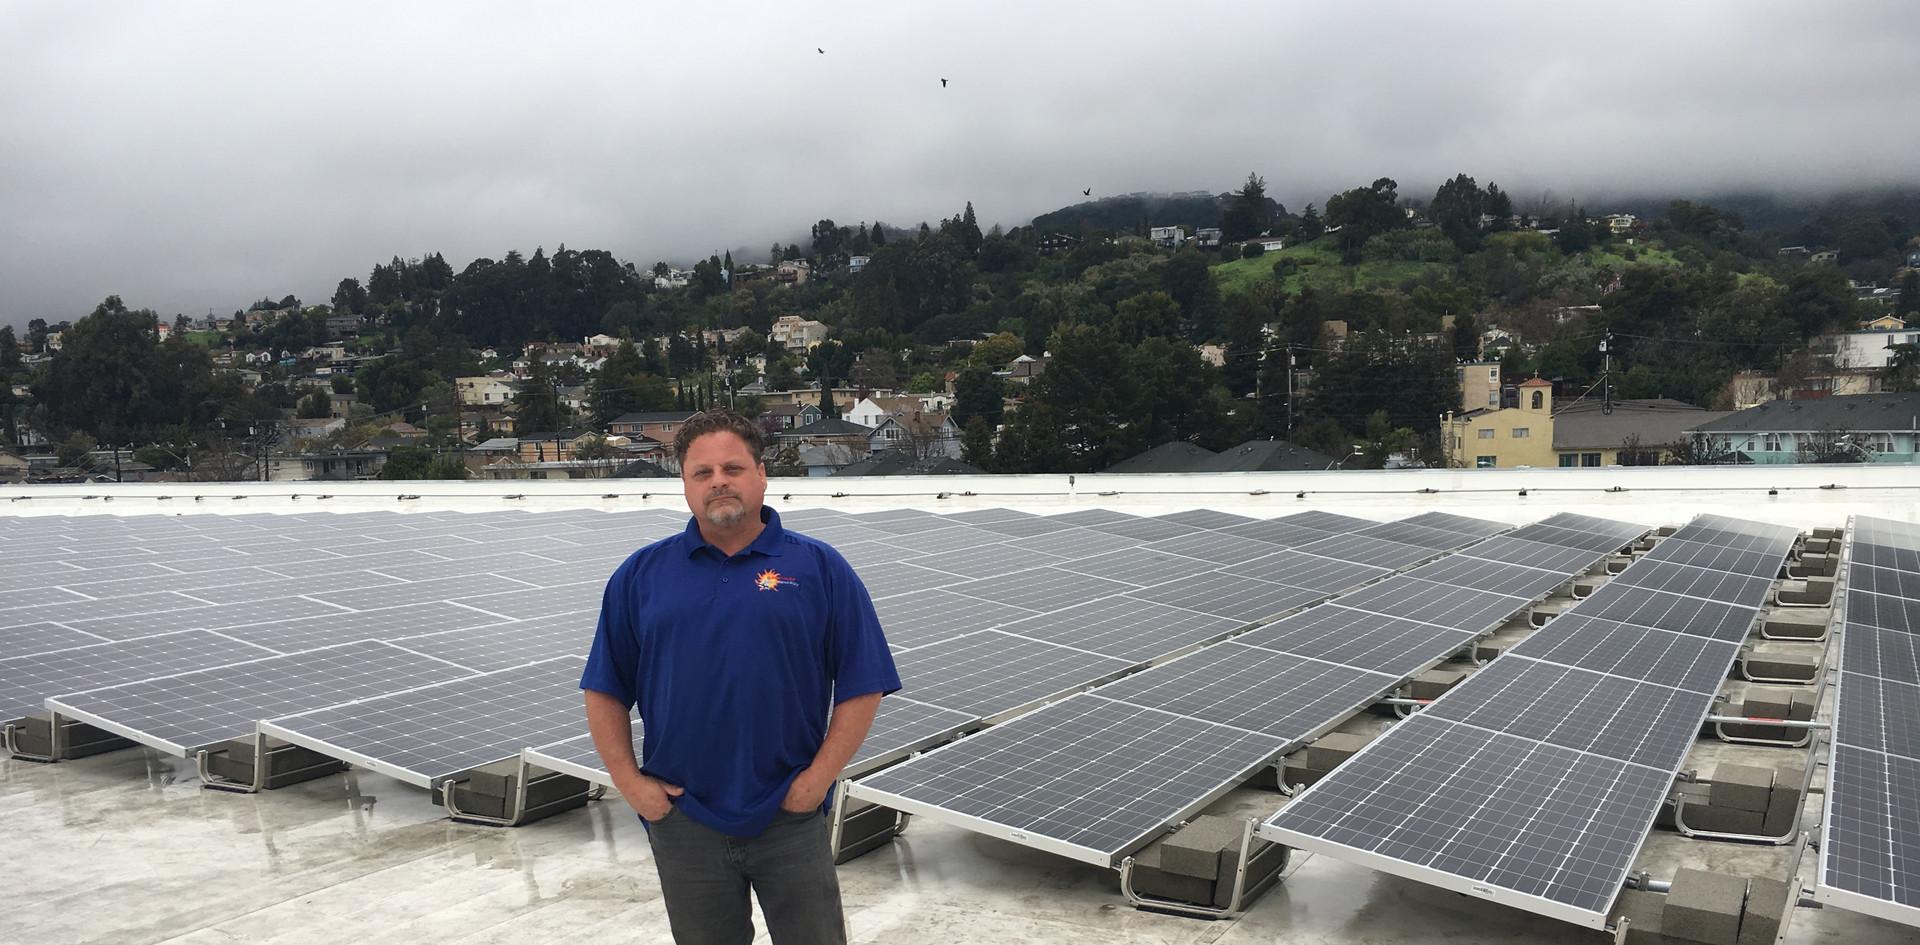 Eastridge Mall Commercial Solar